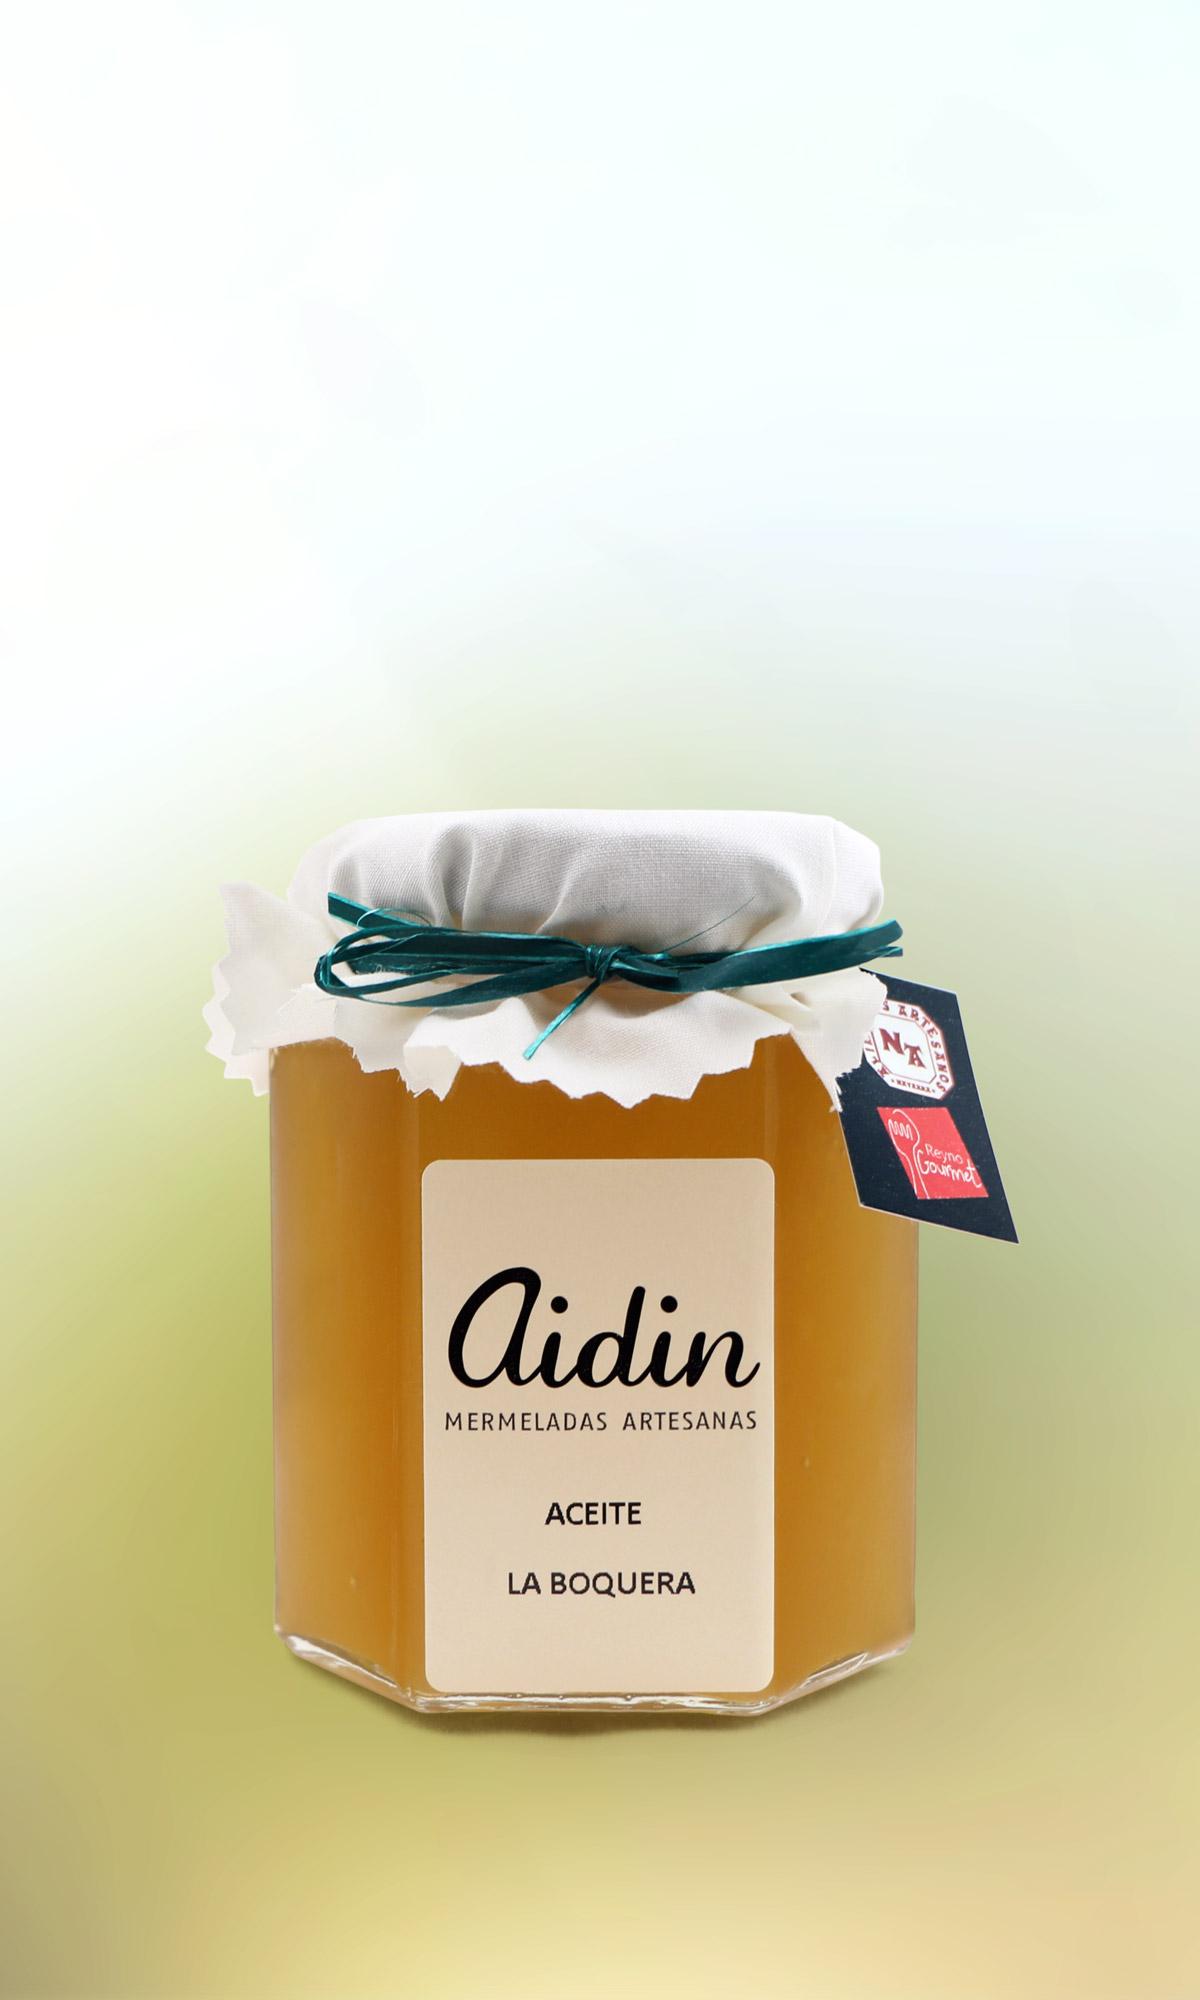 producto_laboquera_mermelada_aidin_act